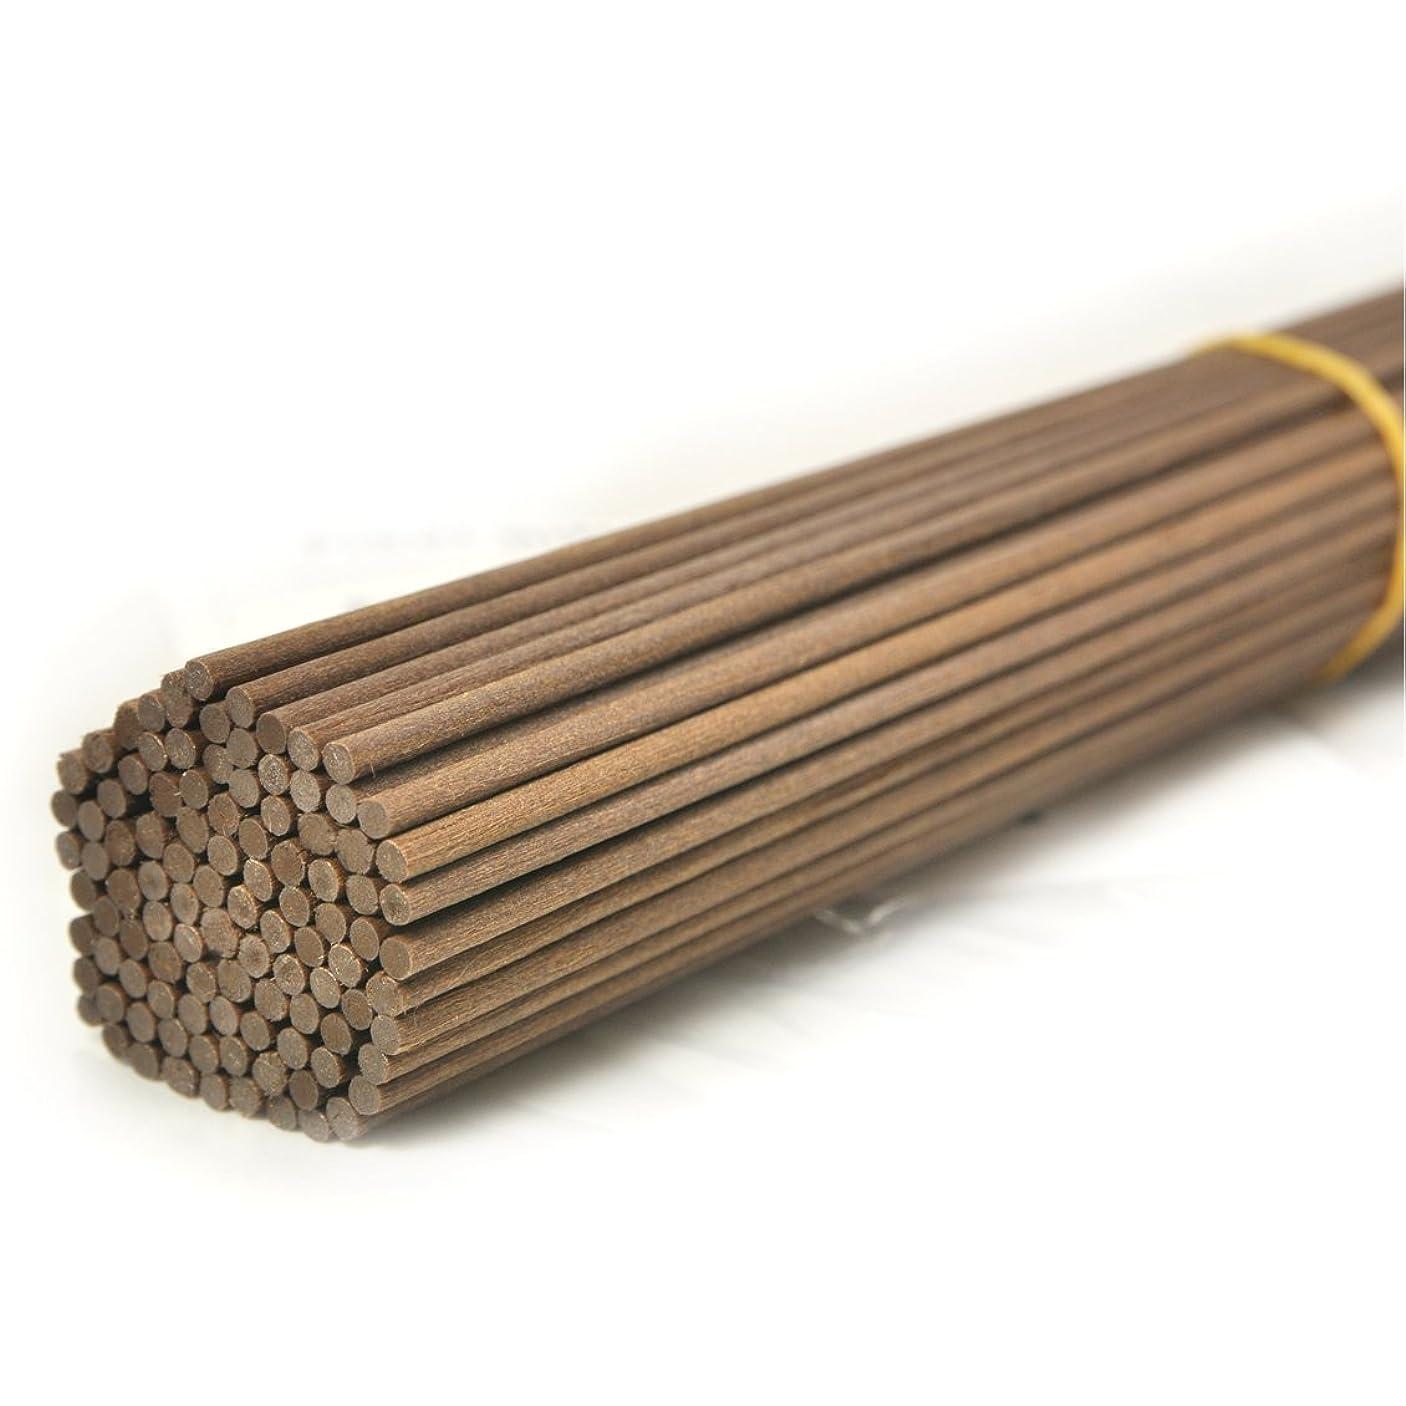 仕立て屋擬人化木100本入アロマファイバーディフューザー交換用スティック(20cm*3mm,褐色)